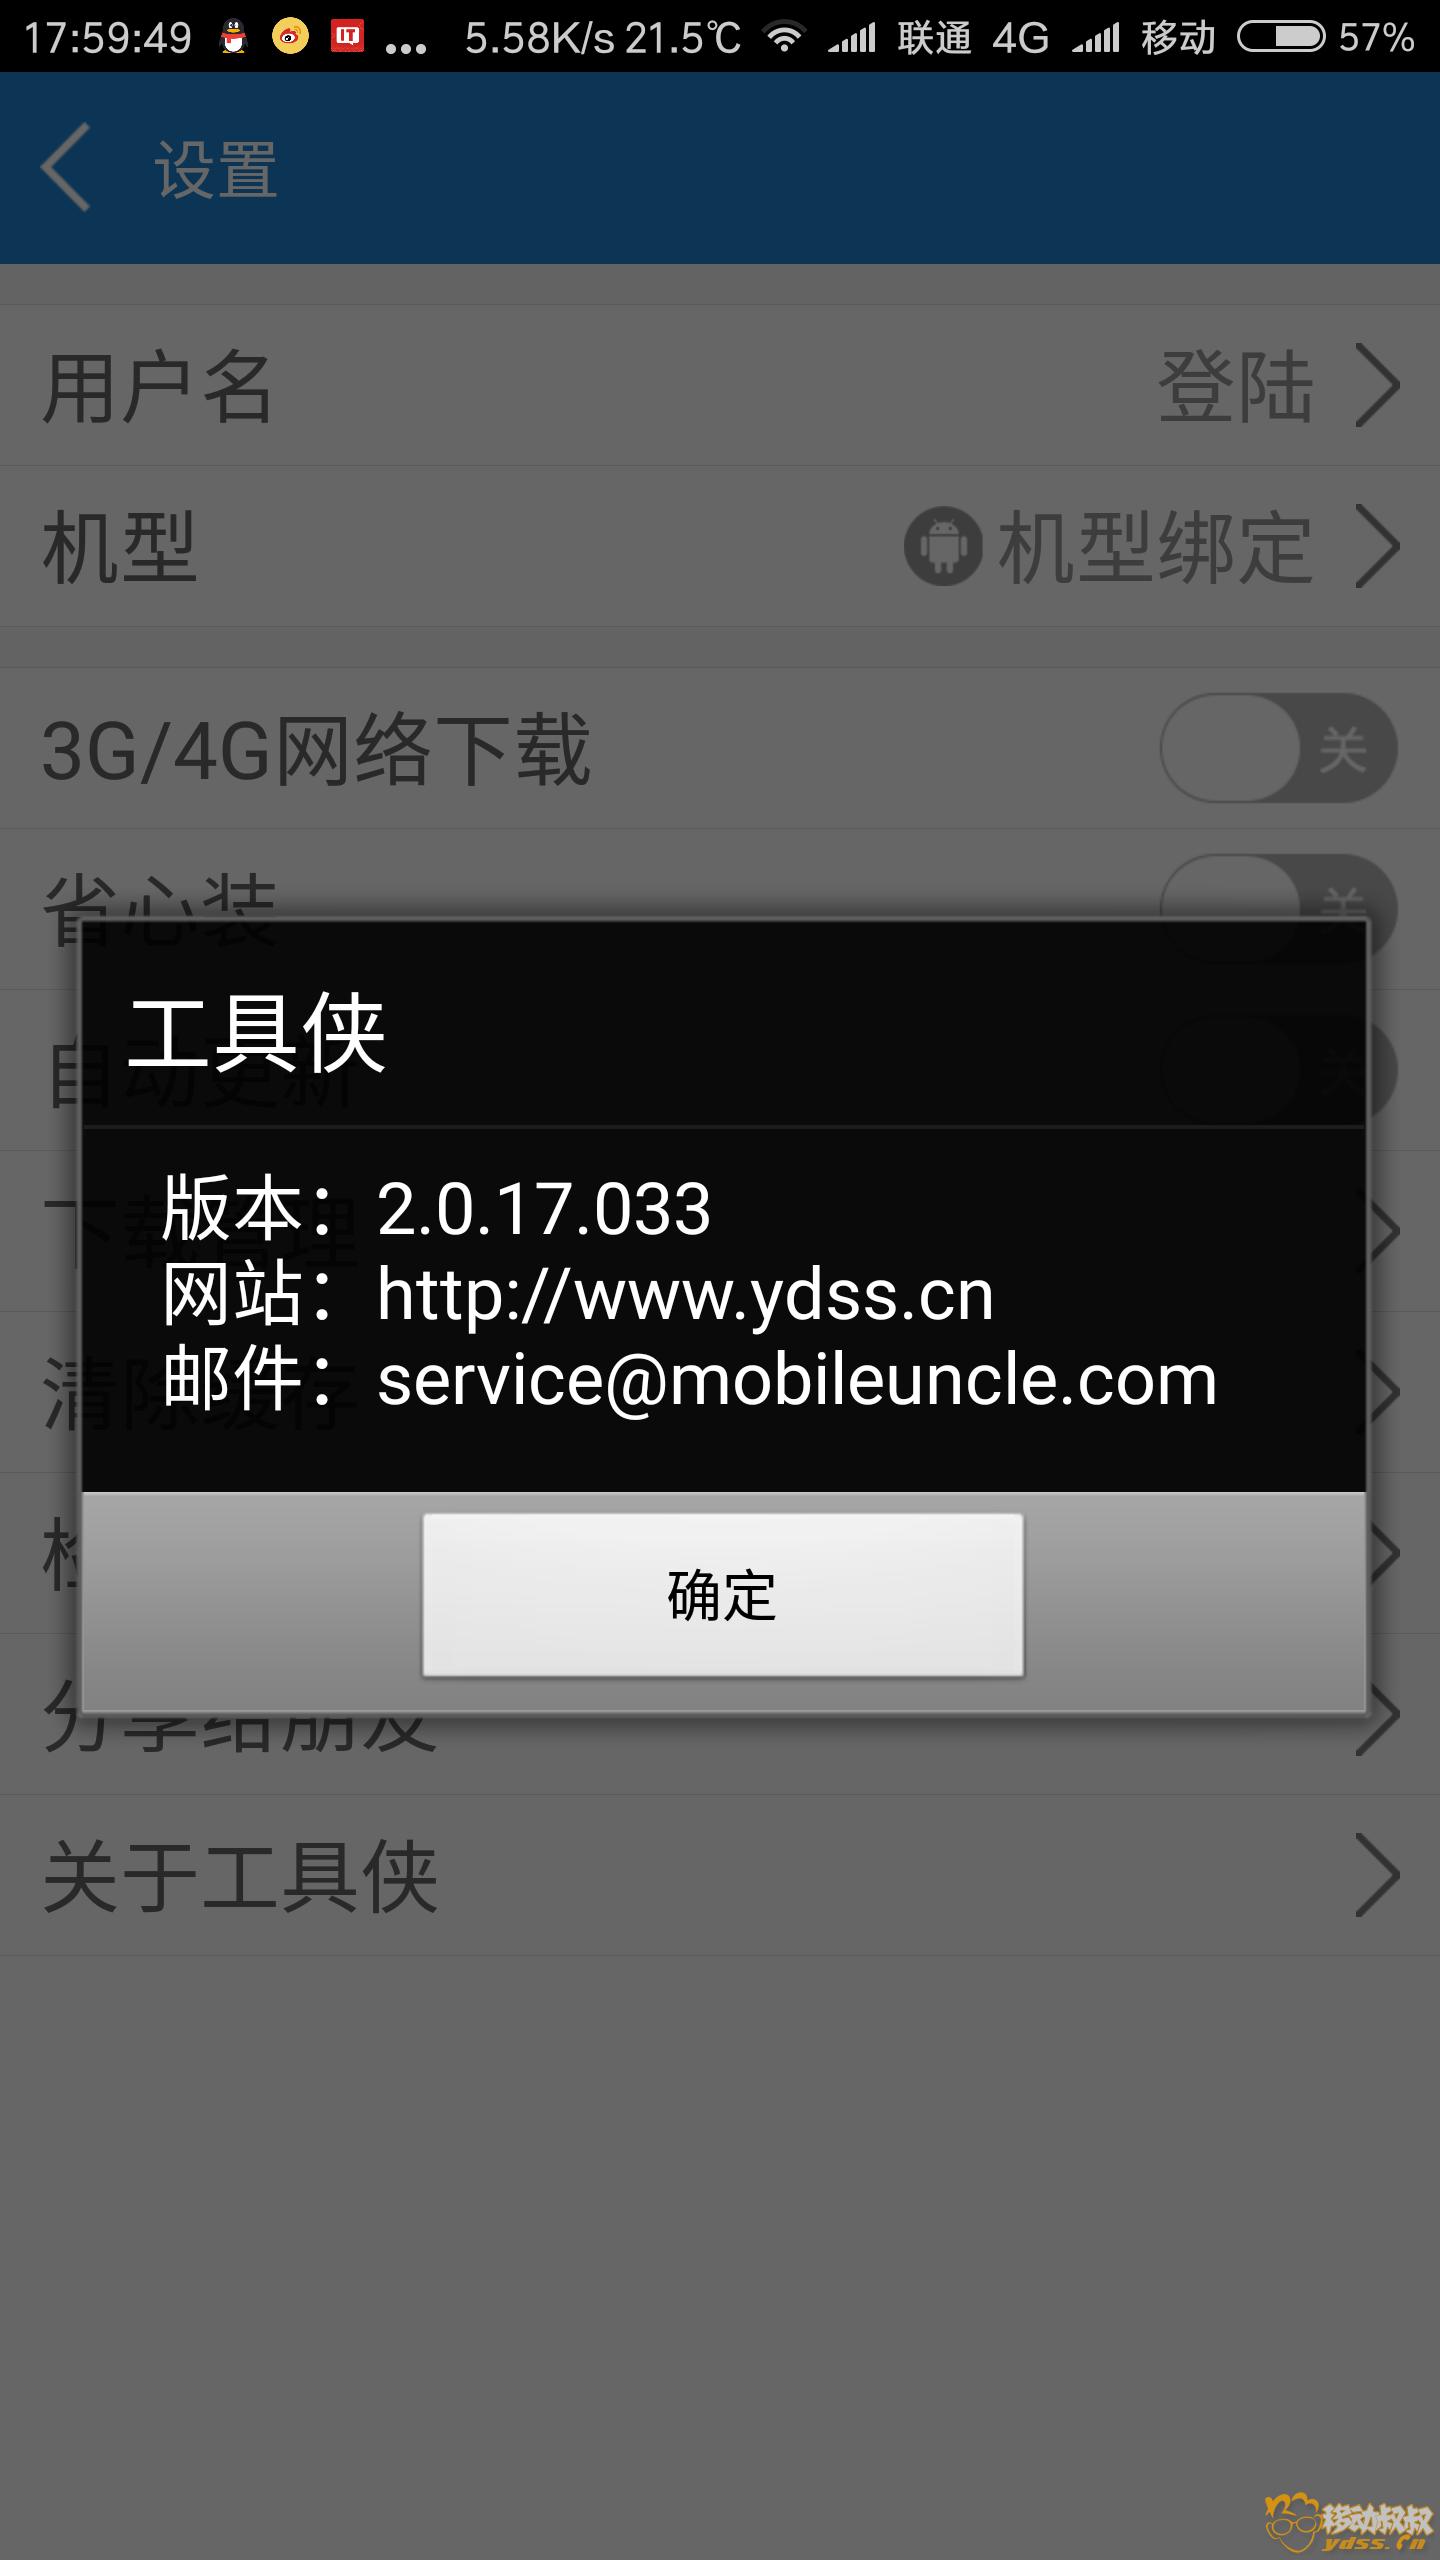 Screenshot_2018-03-22-17-59-49-752_com.mobileuncl.png